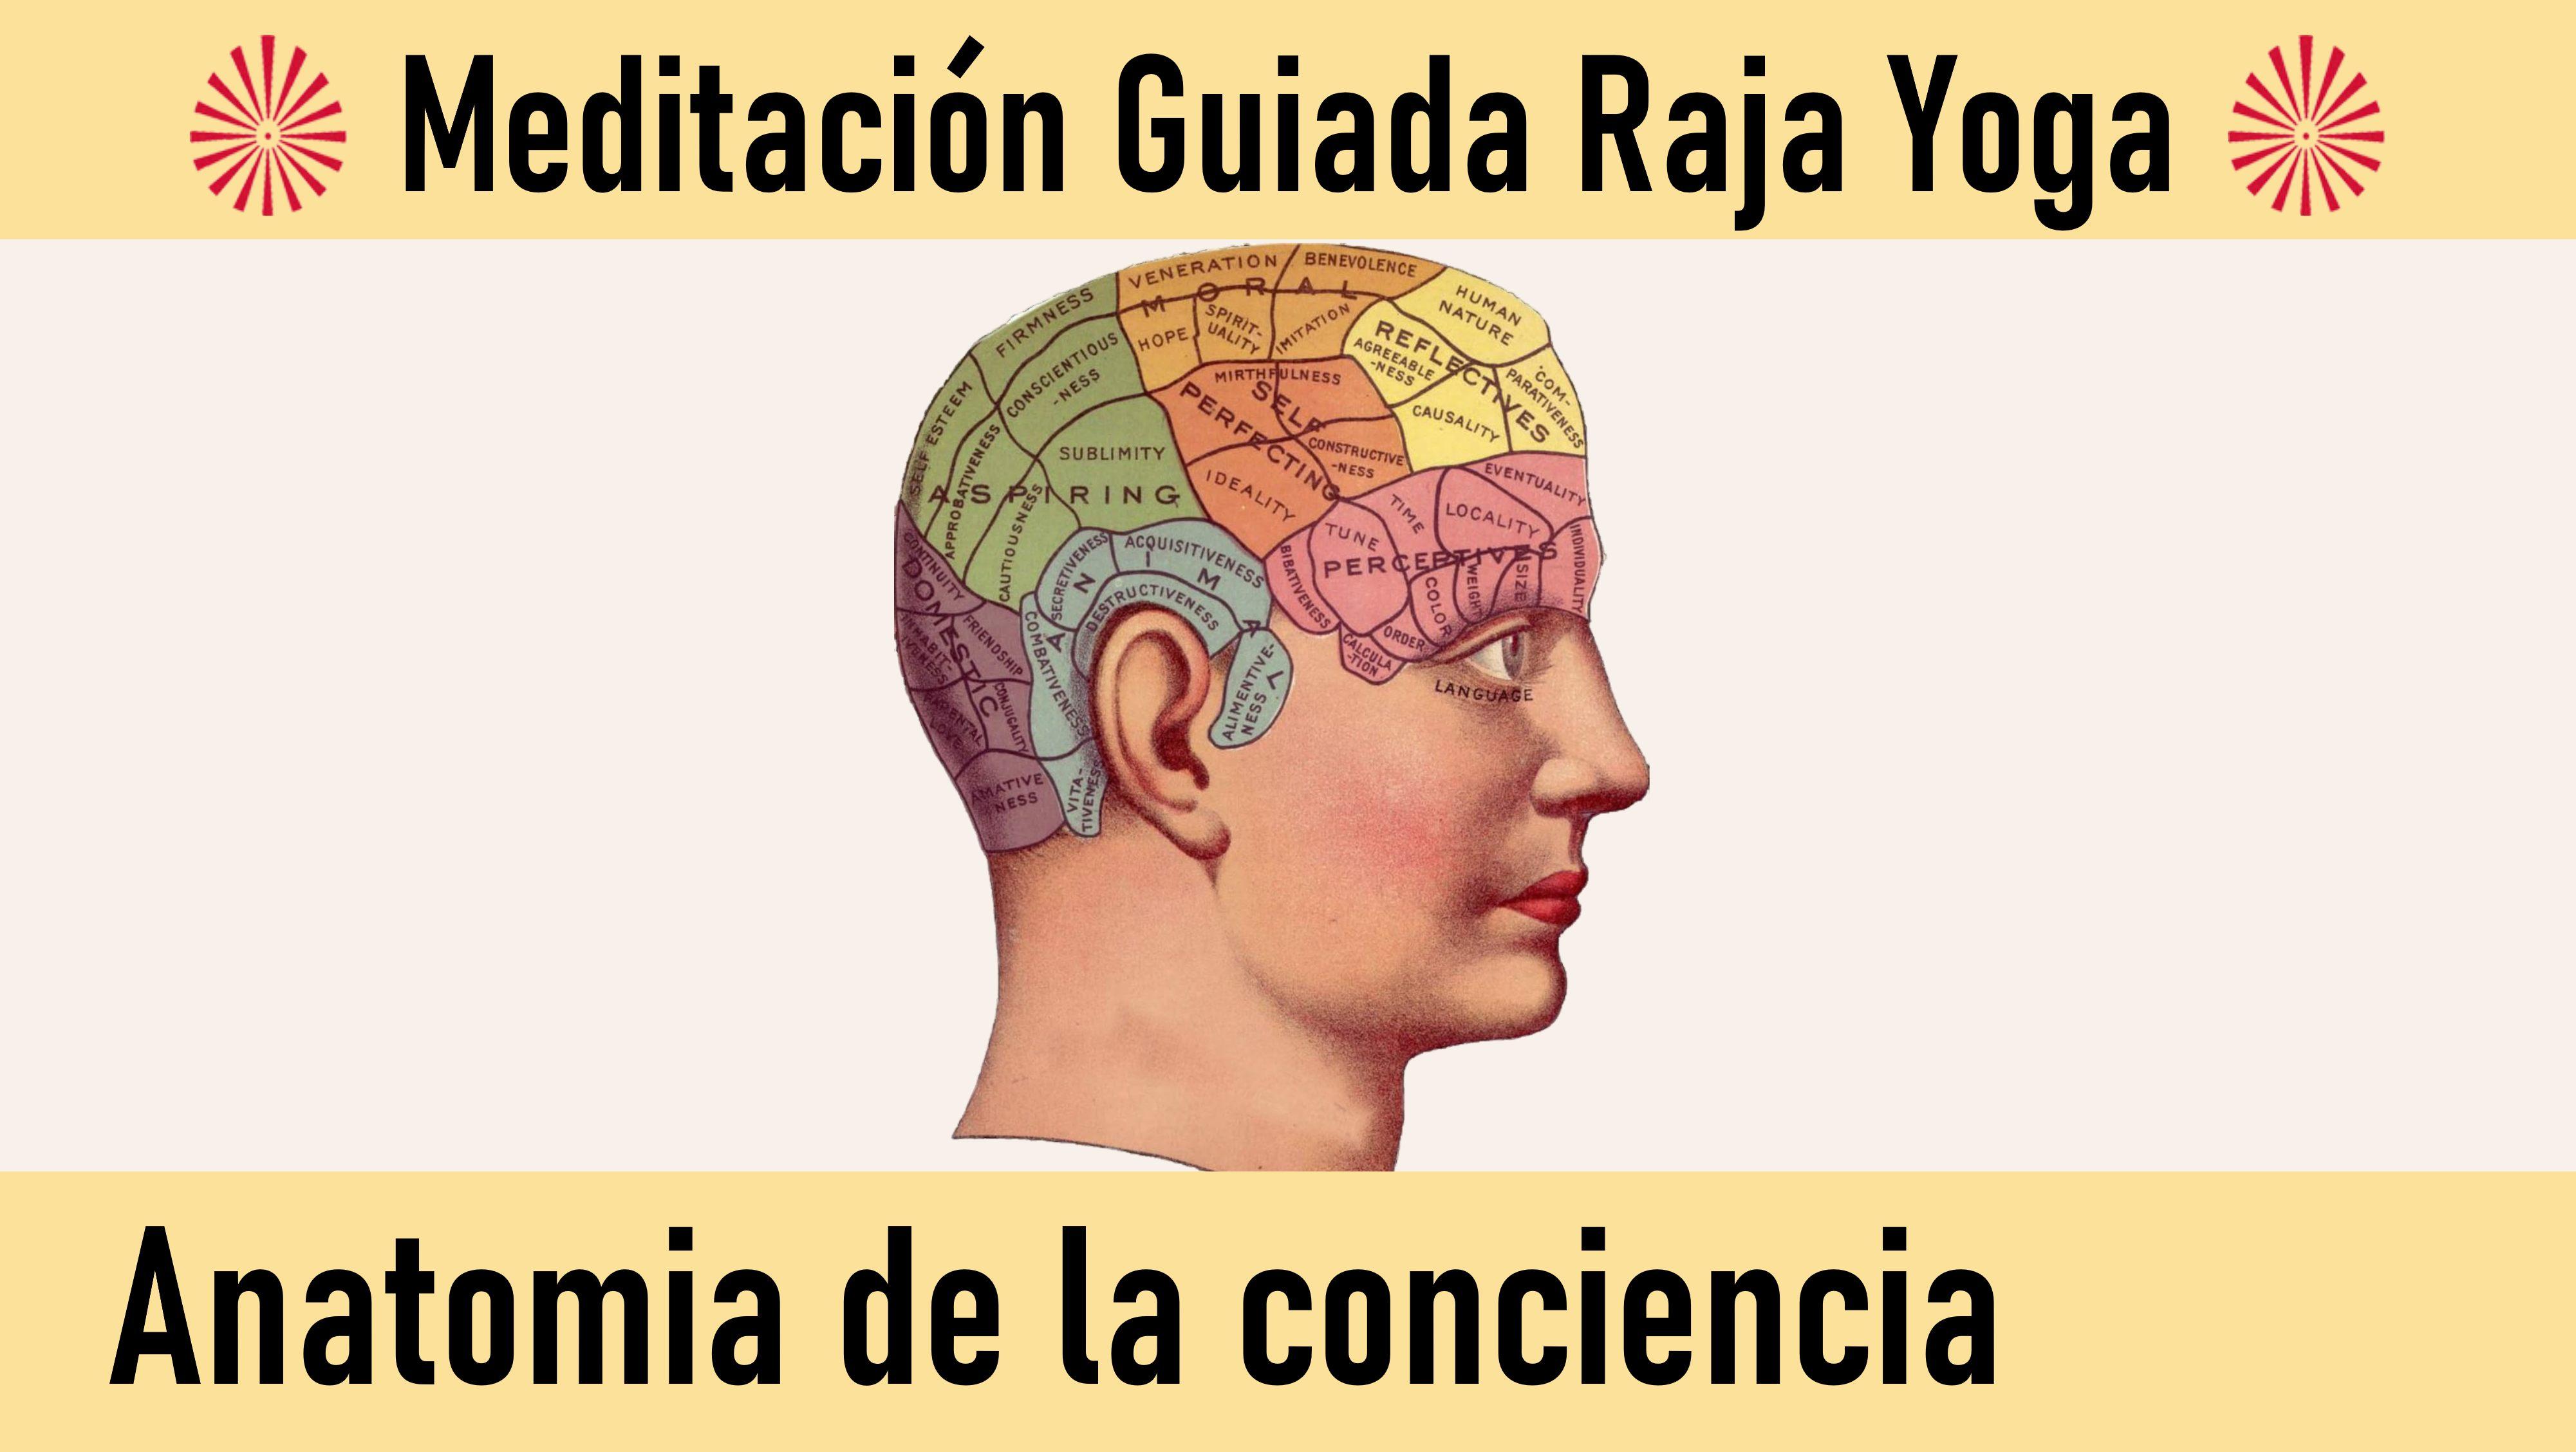 Meditación Raja Yoga: Anatomía de la conciencia (14 Julio 2020) On-line desde Mallorca